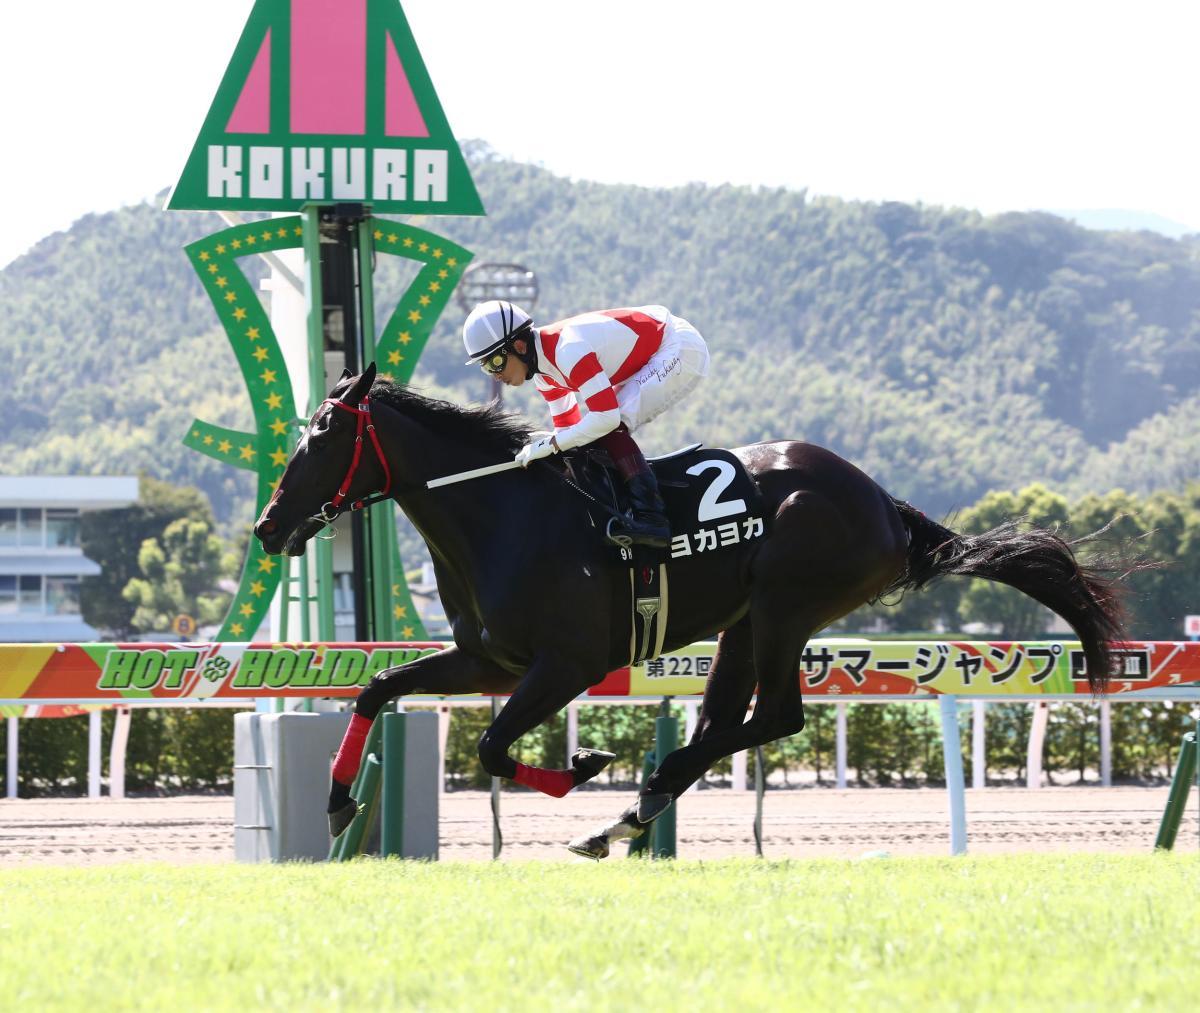 每日賽馬晚報(2020年12月9日),香港國際賽事場外專區,熊本馬突襲週日一級賽